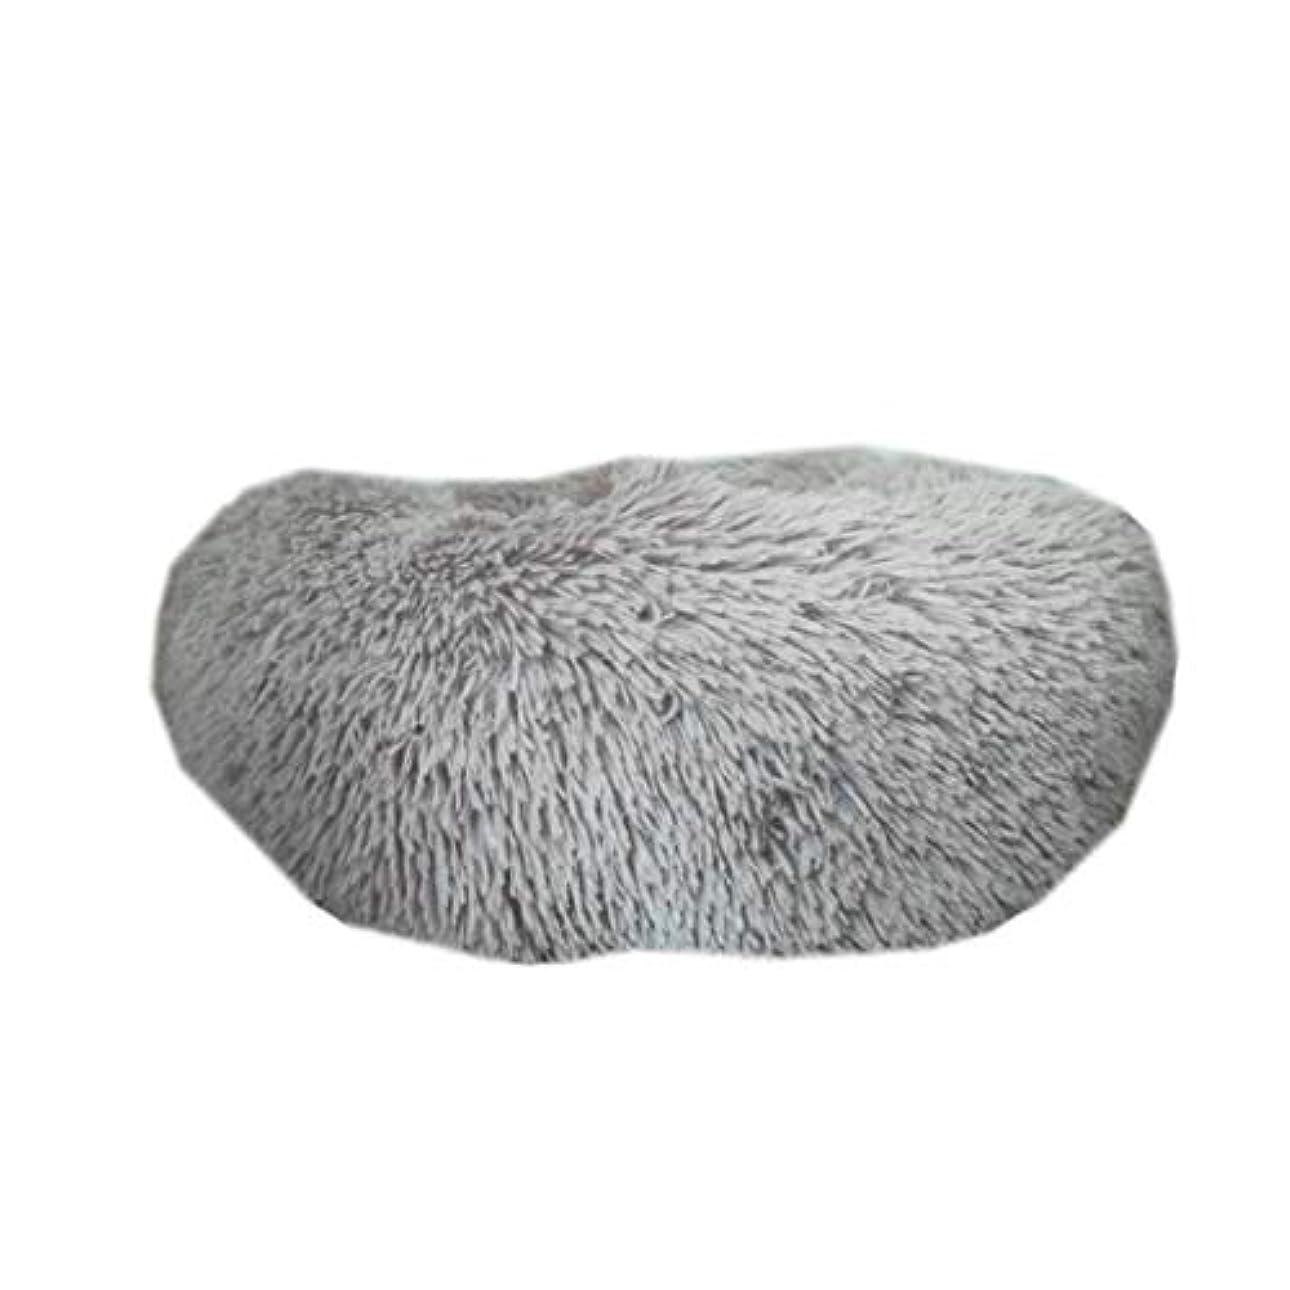 欠かせない歴史的滴下ペットハウスペットベッド 洗える 実用性 室内用 カラー 猫ベッド ペットソファ 猫用品 クッション ネコ キャット 100cm 小型犬 モコモコ かわいい マット 丸い形 犬ベット 体圧分散型 通年利用 防寒 XL ドッグベット